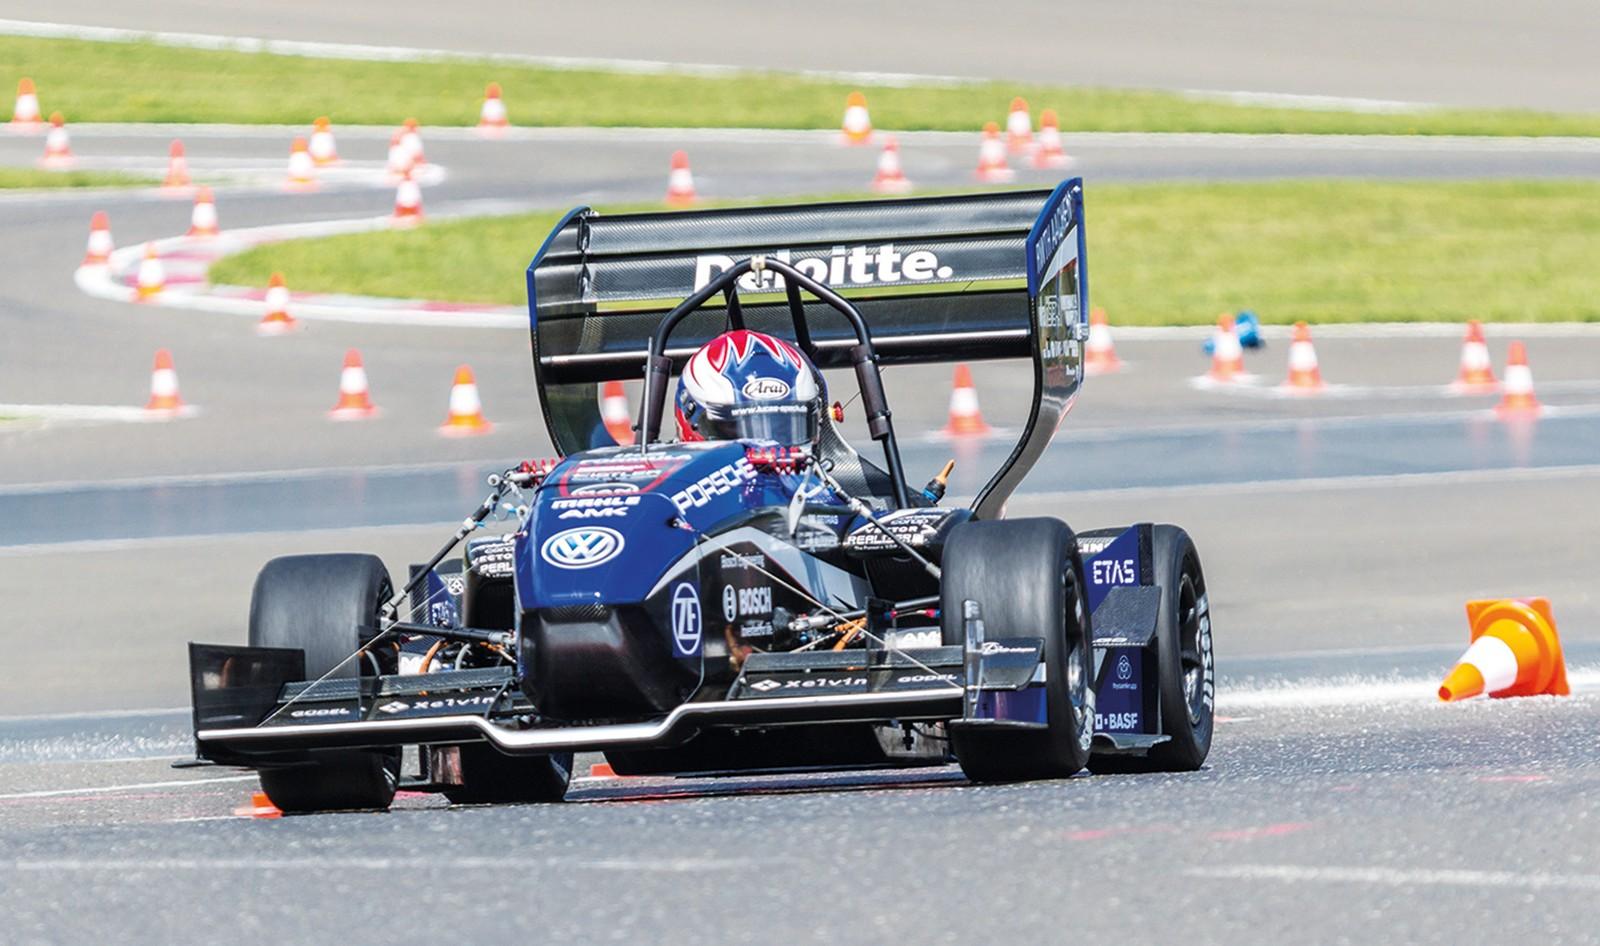 Elektrorennwagen enthält lasergeschweißte Batterien sowie lasergeschnittene CFK-Bauteile.